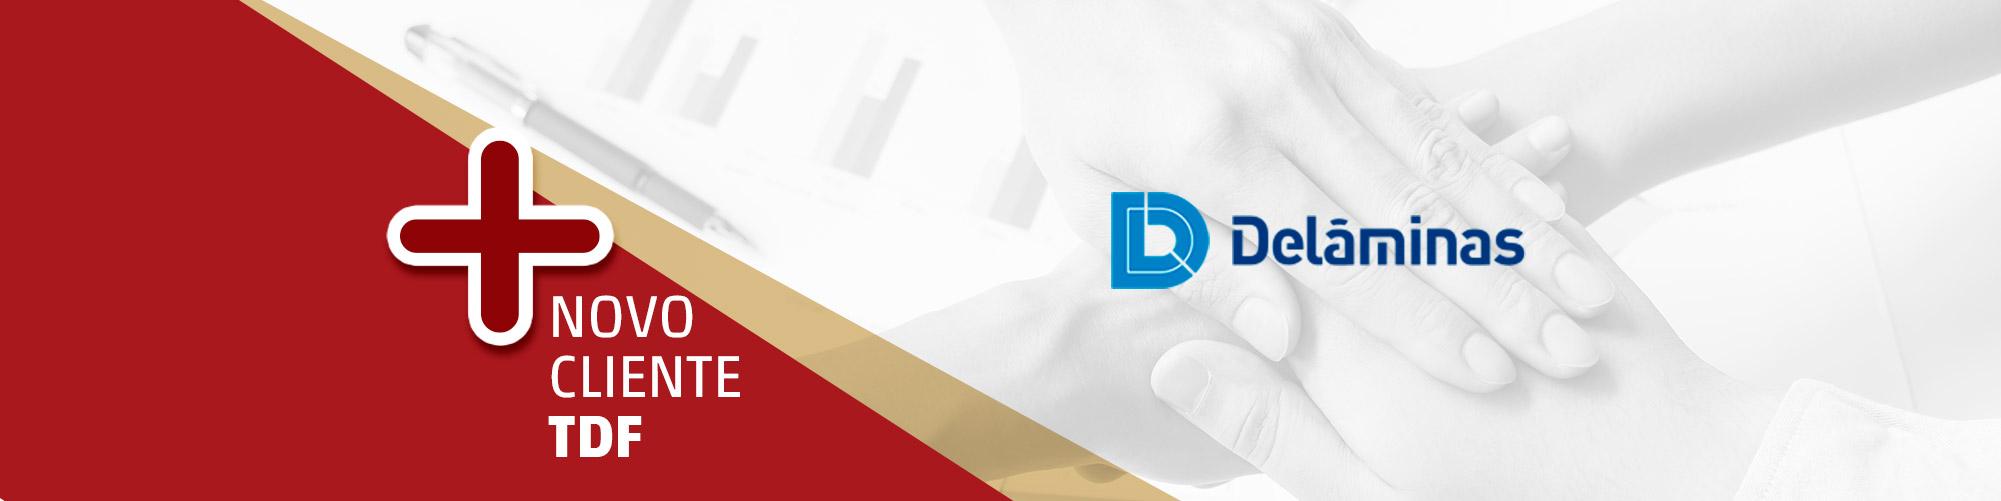 TDF-SLIDE-SITE-2019-01-15